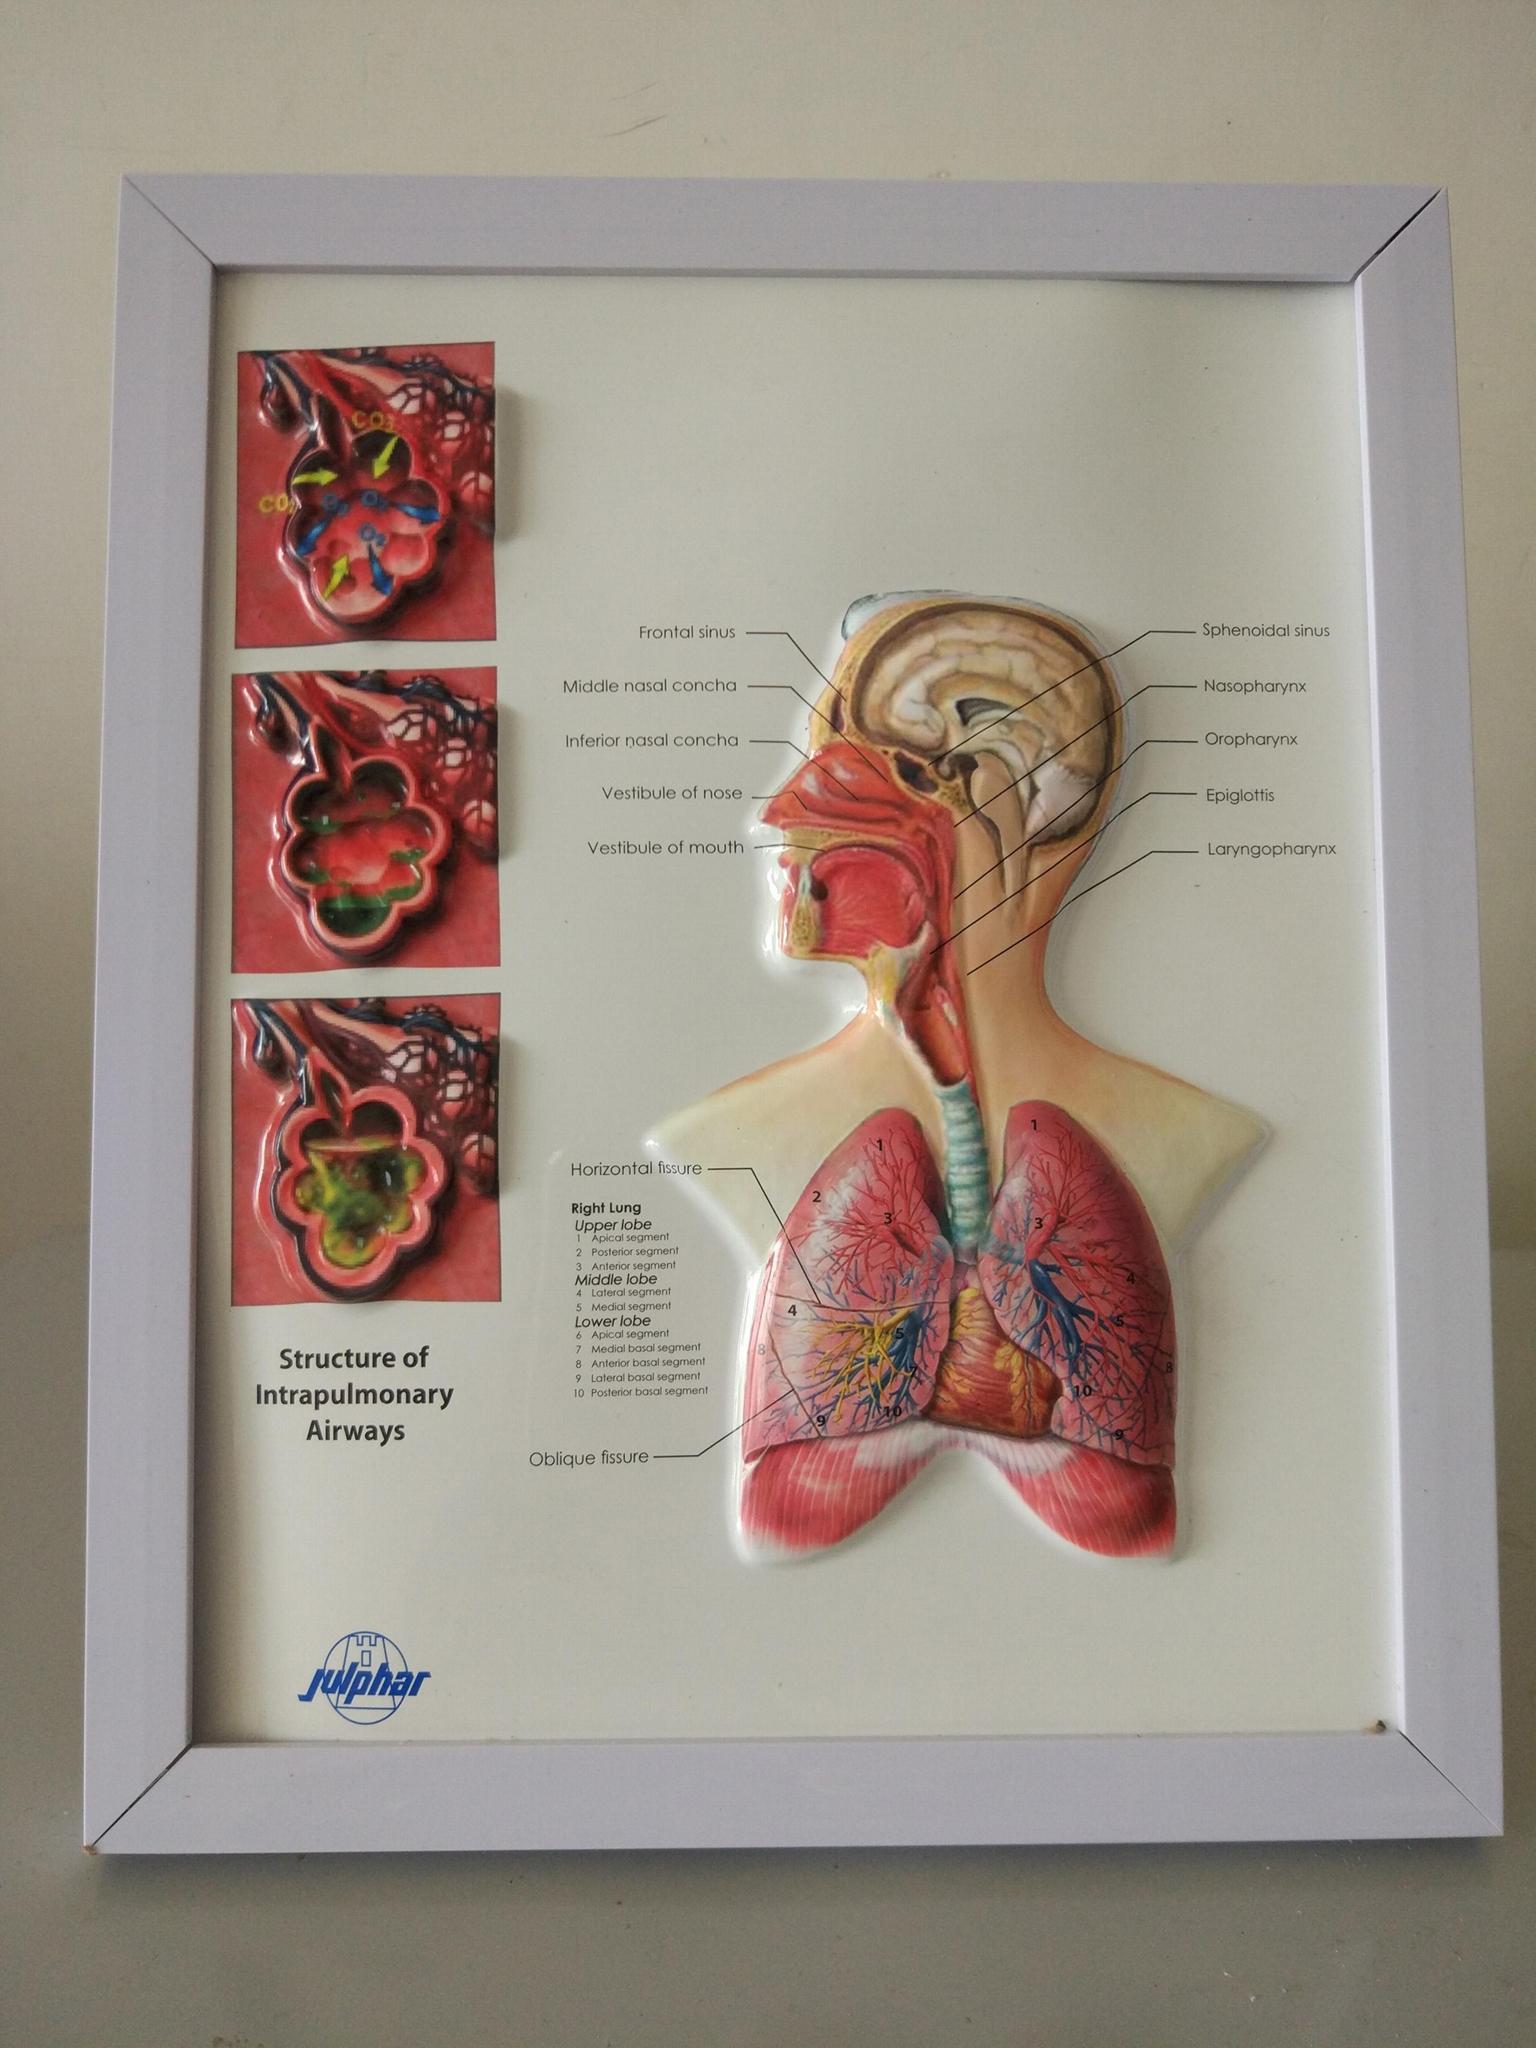 可擦寫三維立體桌面醫學圖/廣告畫 1